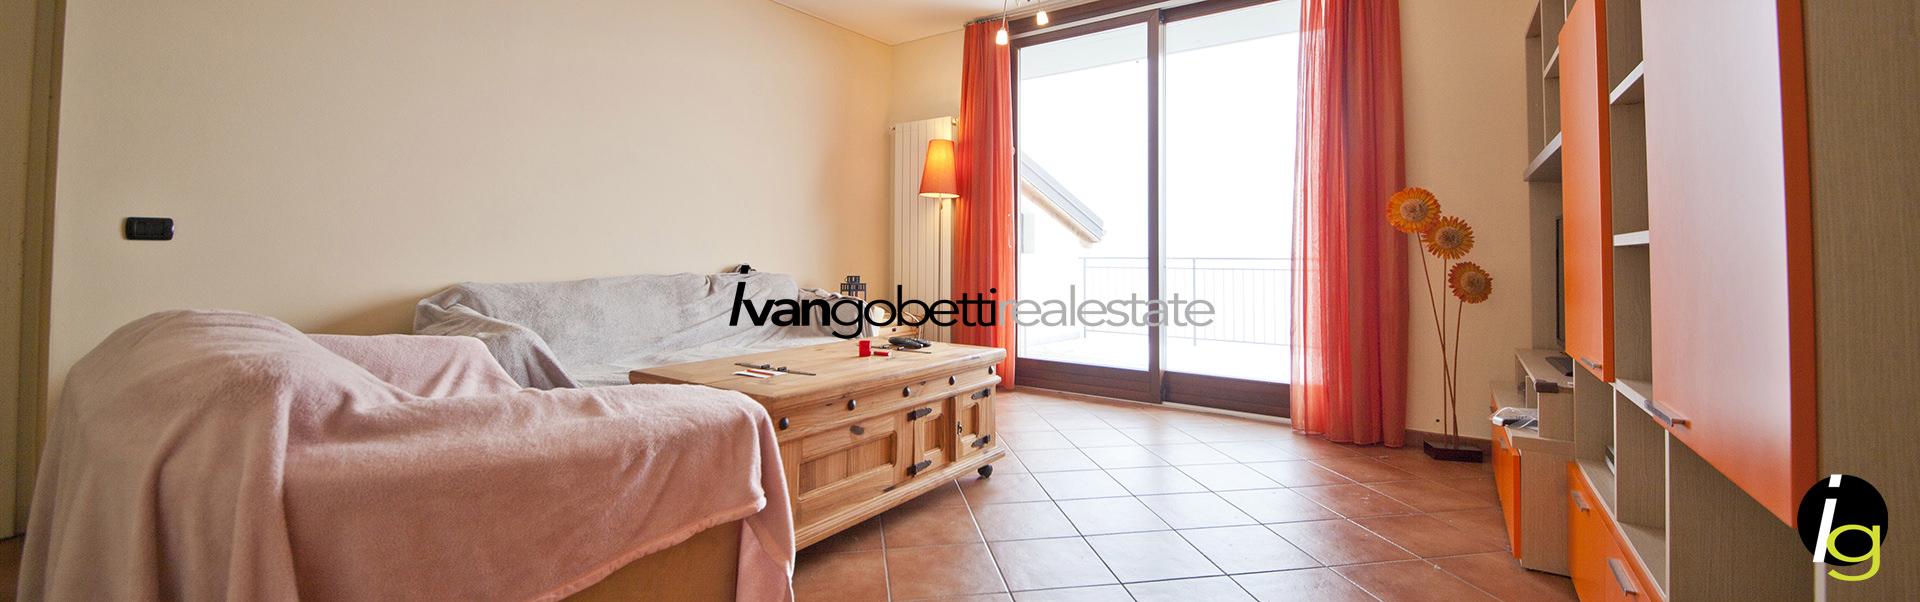 Lago Maggiore, Stresa moderno appartamento in vendita con vista Lago